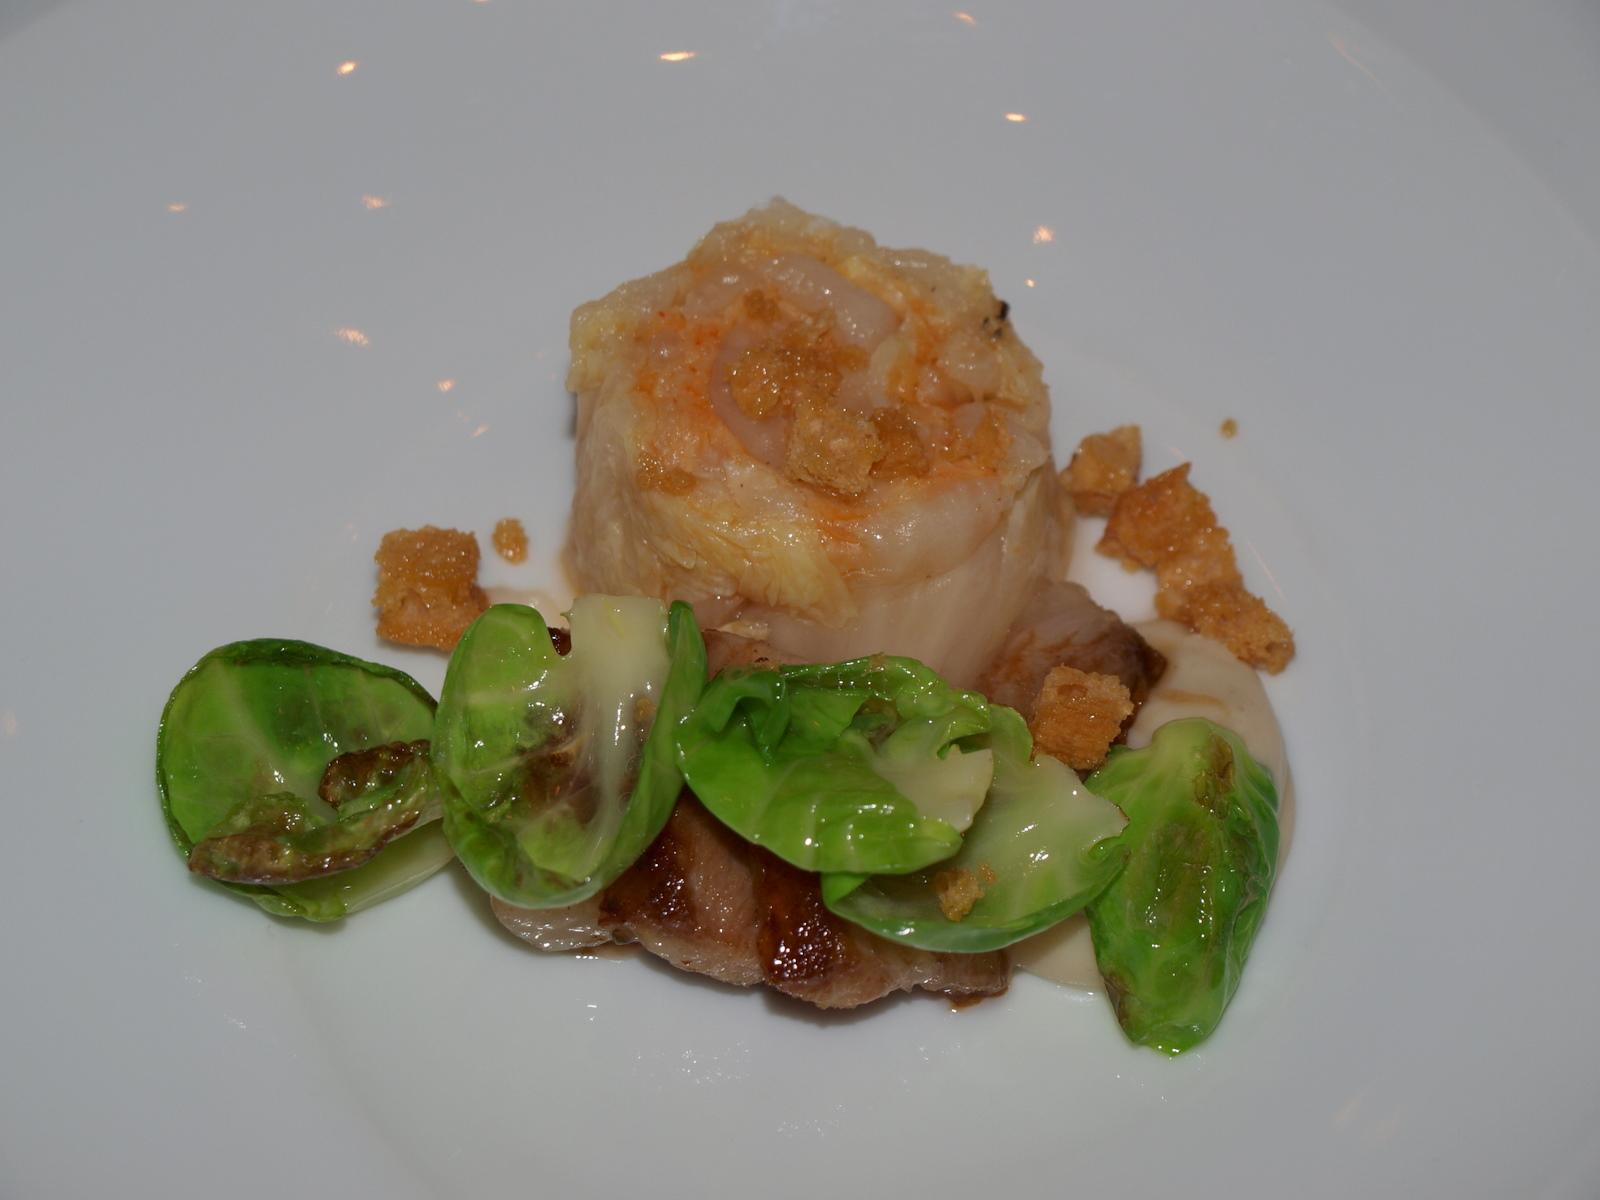 Restaurante ARC - Arrop Ricard Camarena (CERRADO) Papada de cerdo con col